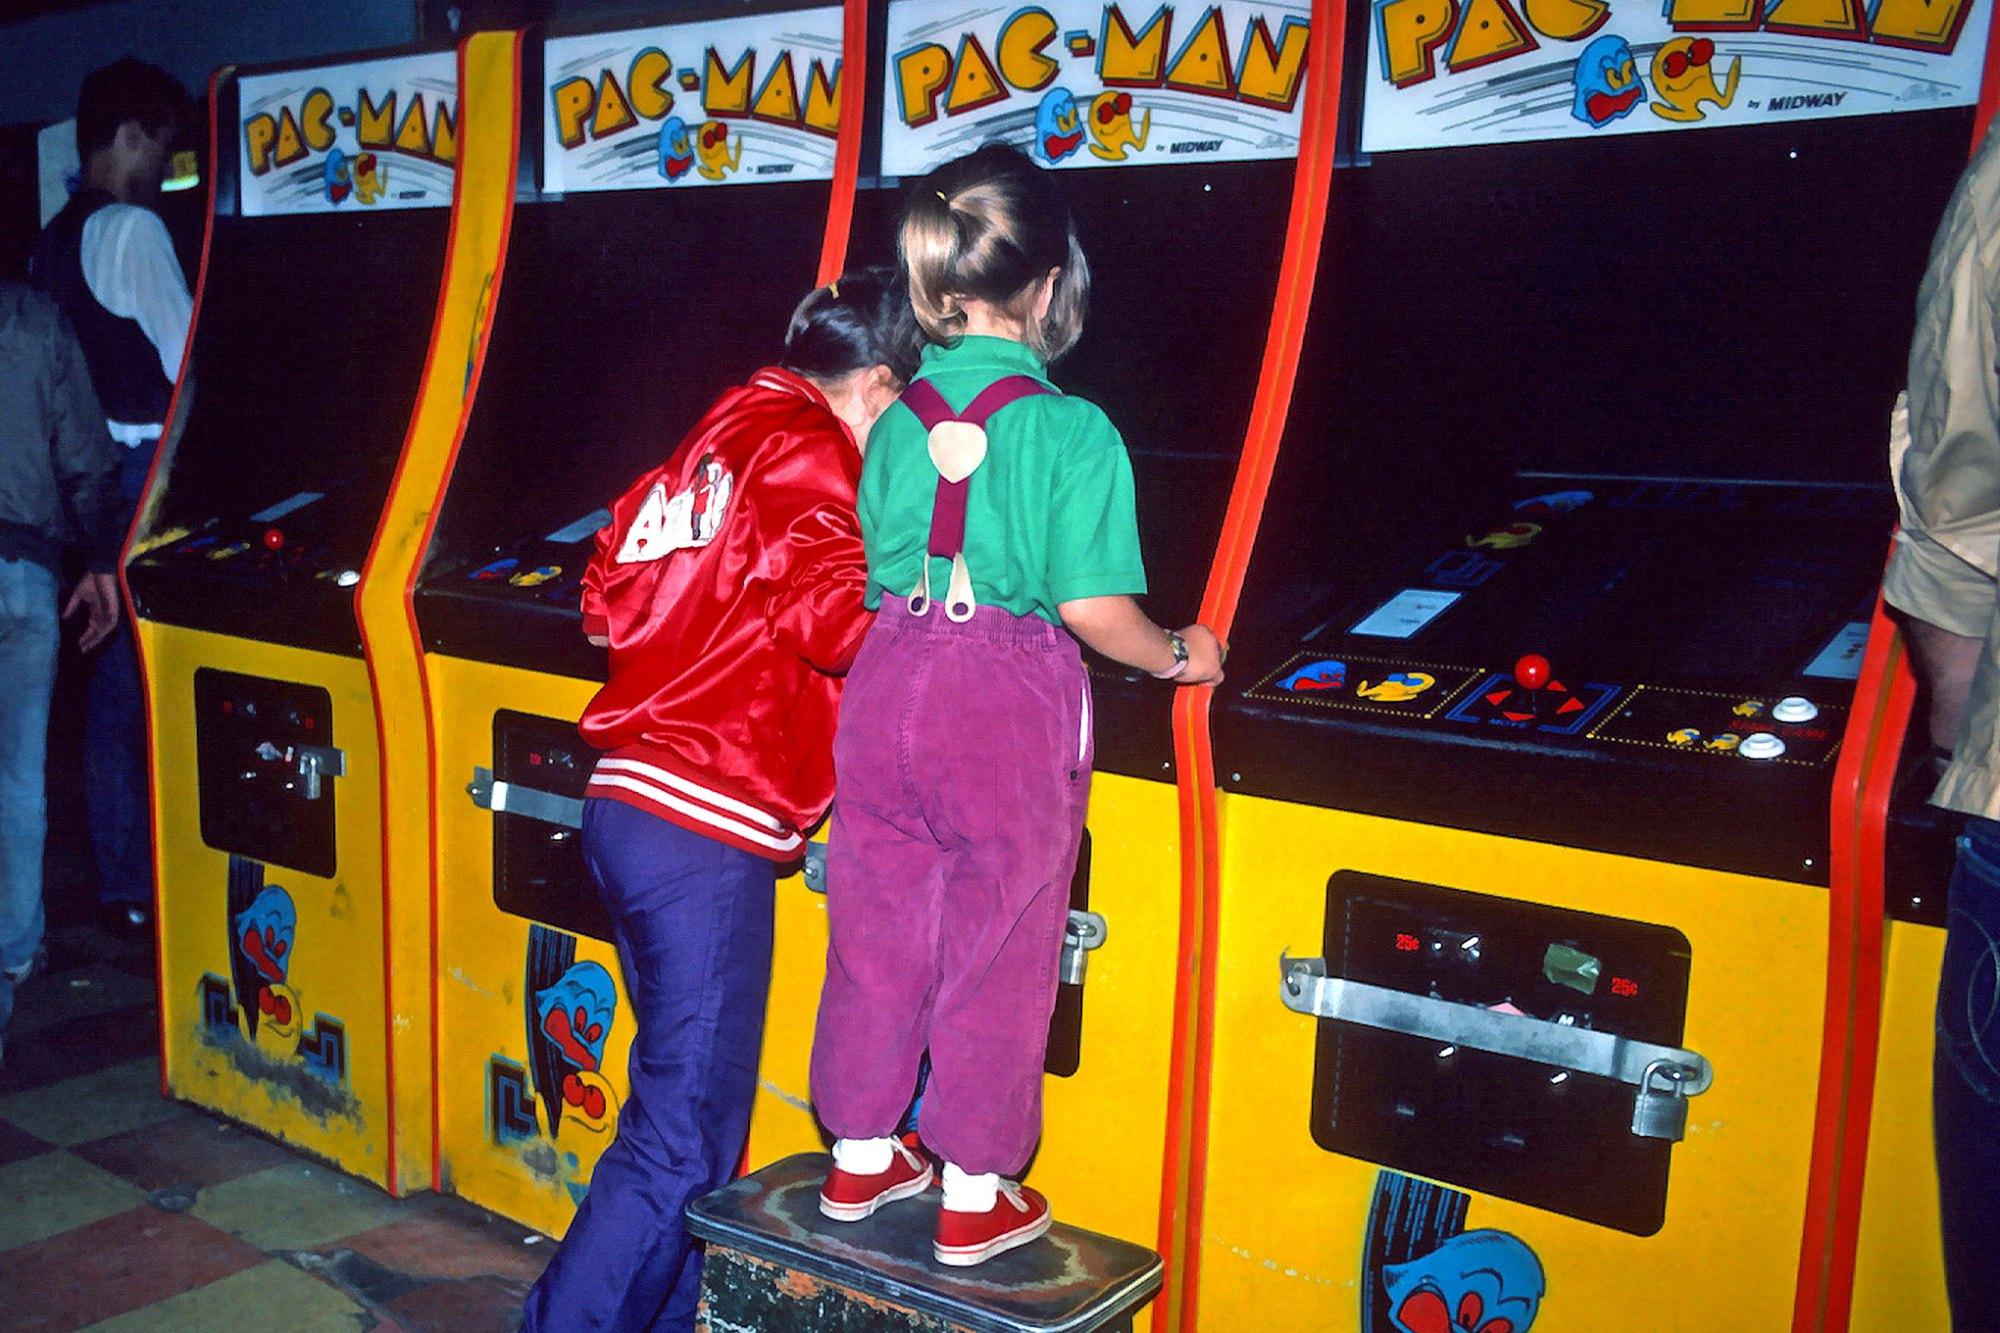 pac-man-arcade.jpg.baef72efd1db2ce672f9999630a93f07.jpg